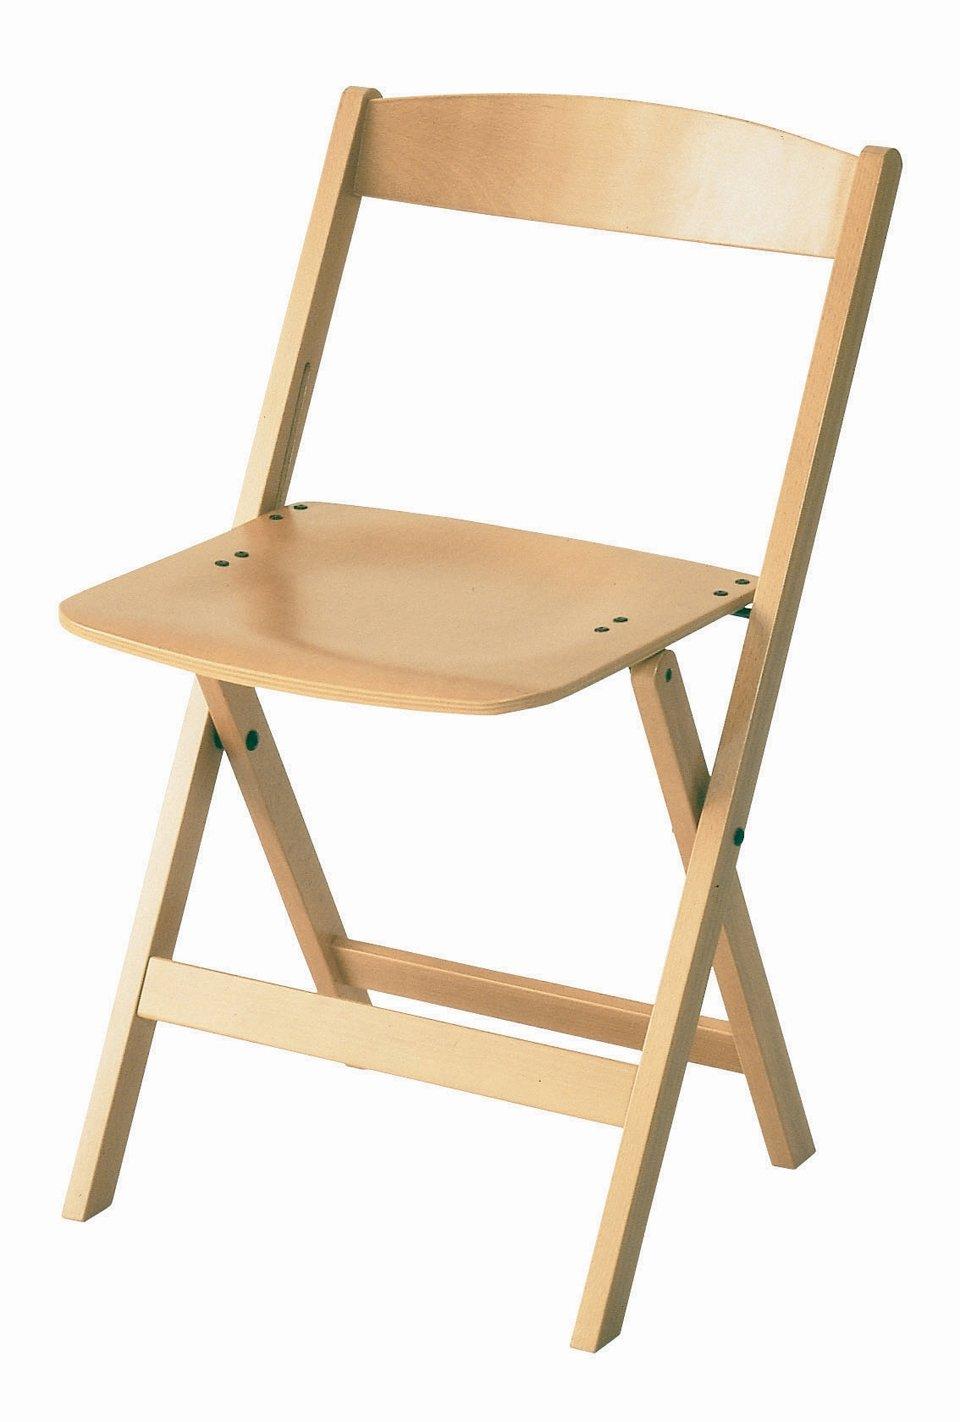 Sedie low cost 15 modelli a meno di 100 euro cose di casa - Foppapedretti tavoli pieghevoli ...